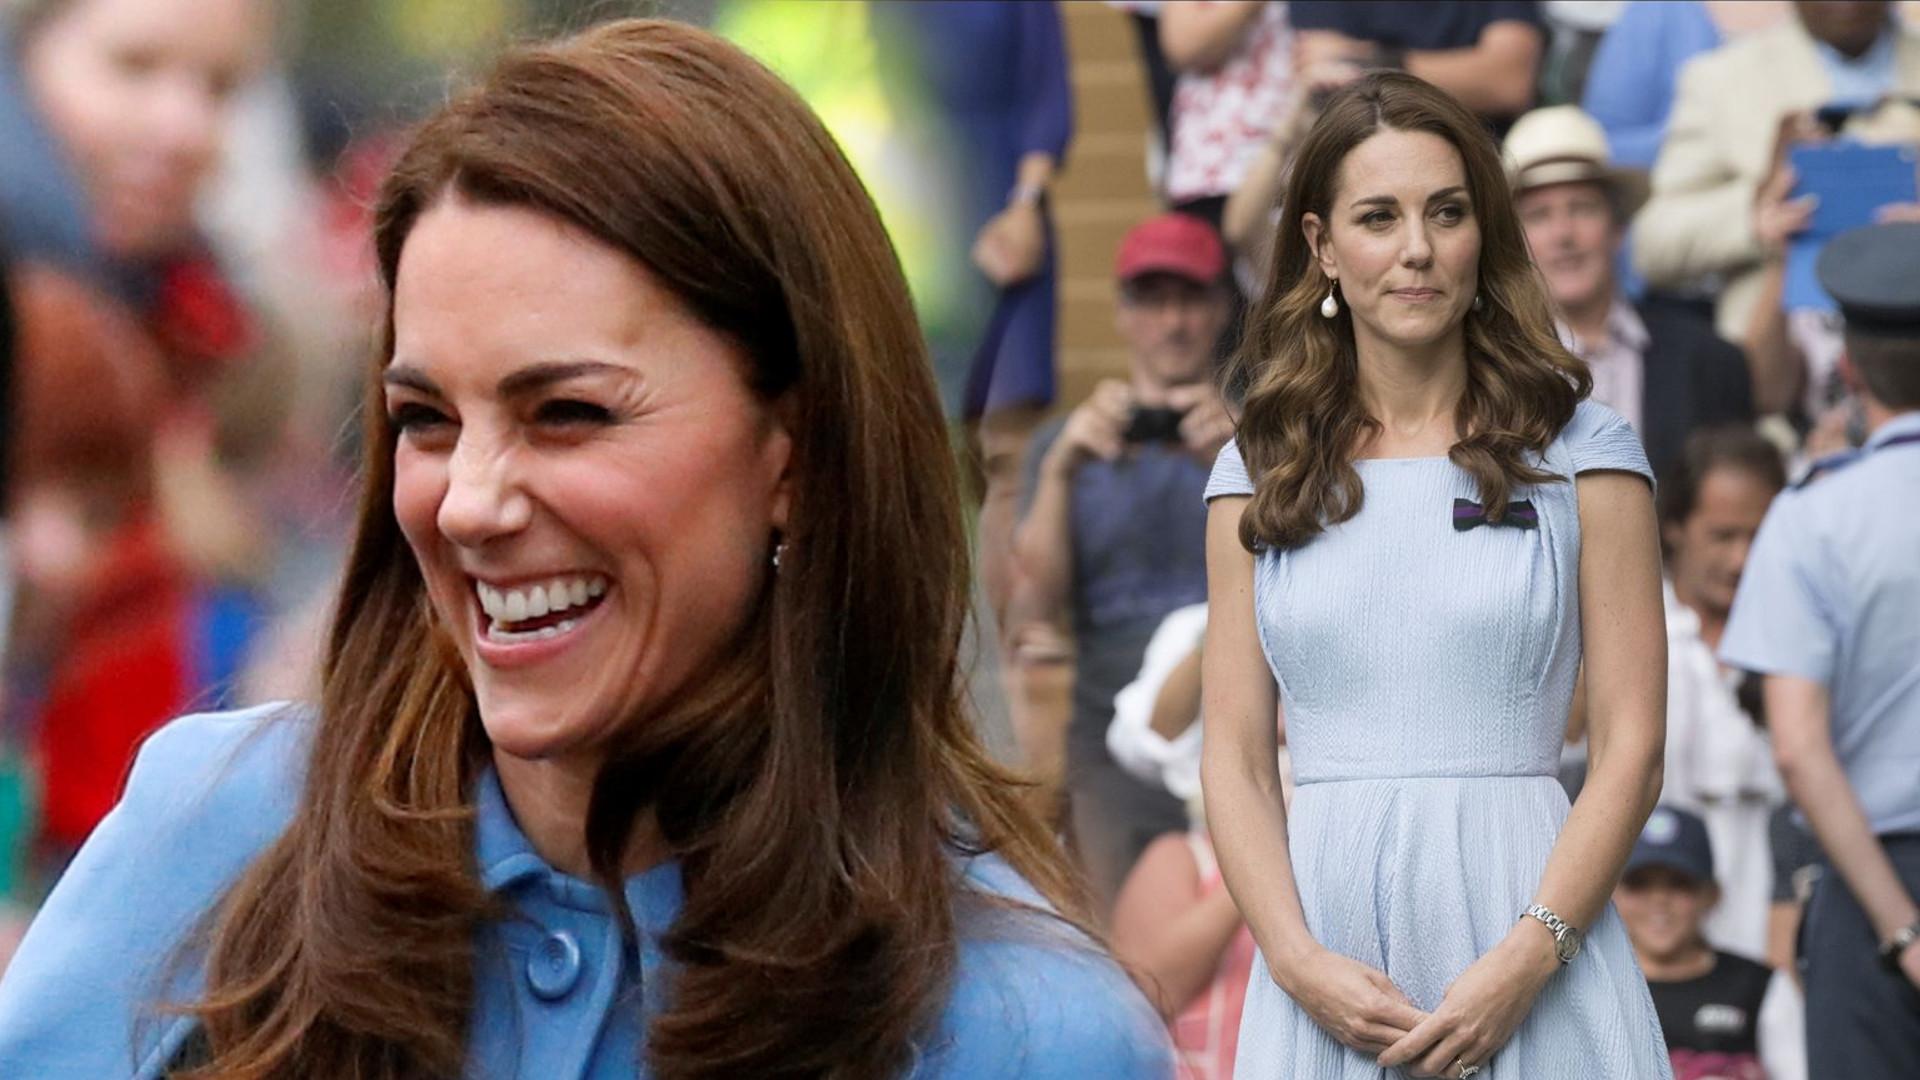 Księżna Kate ZWOLNIŁA swoją asystentkę, gdy ta wróciła z miesiąca miodowego